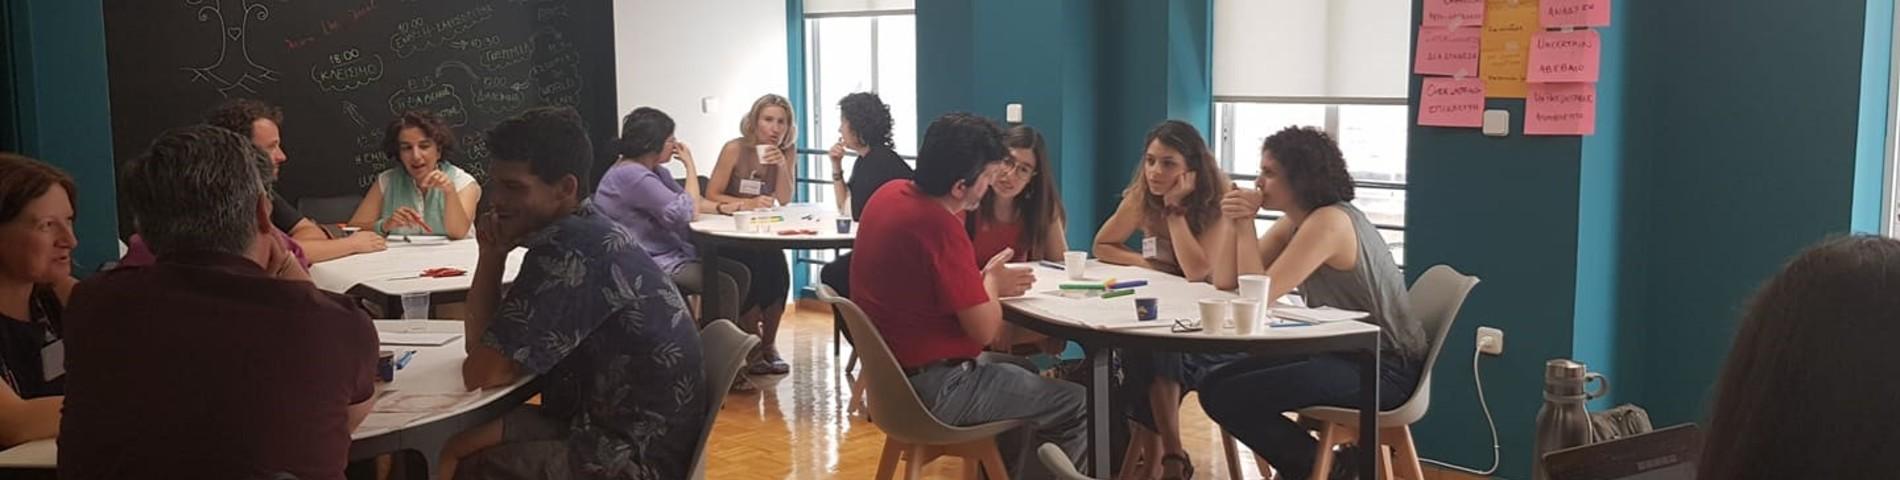 Imagen 1 de la escuela The Lamda Project